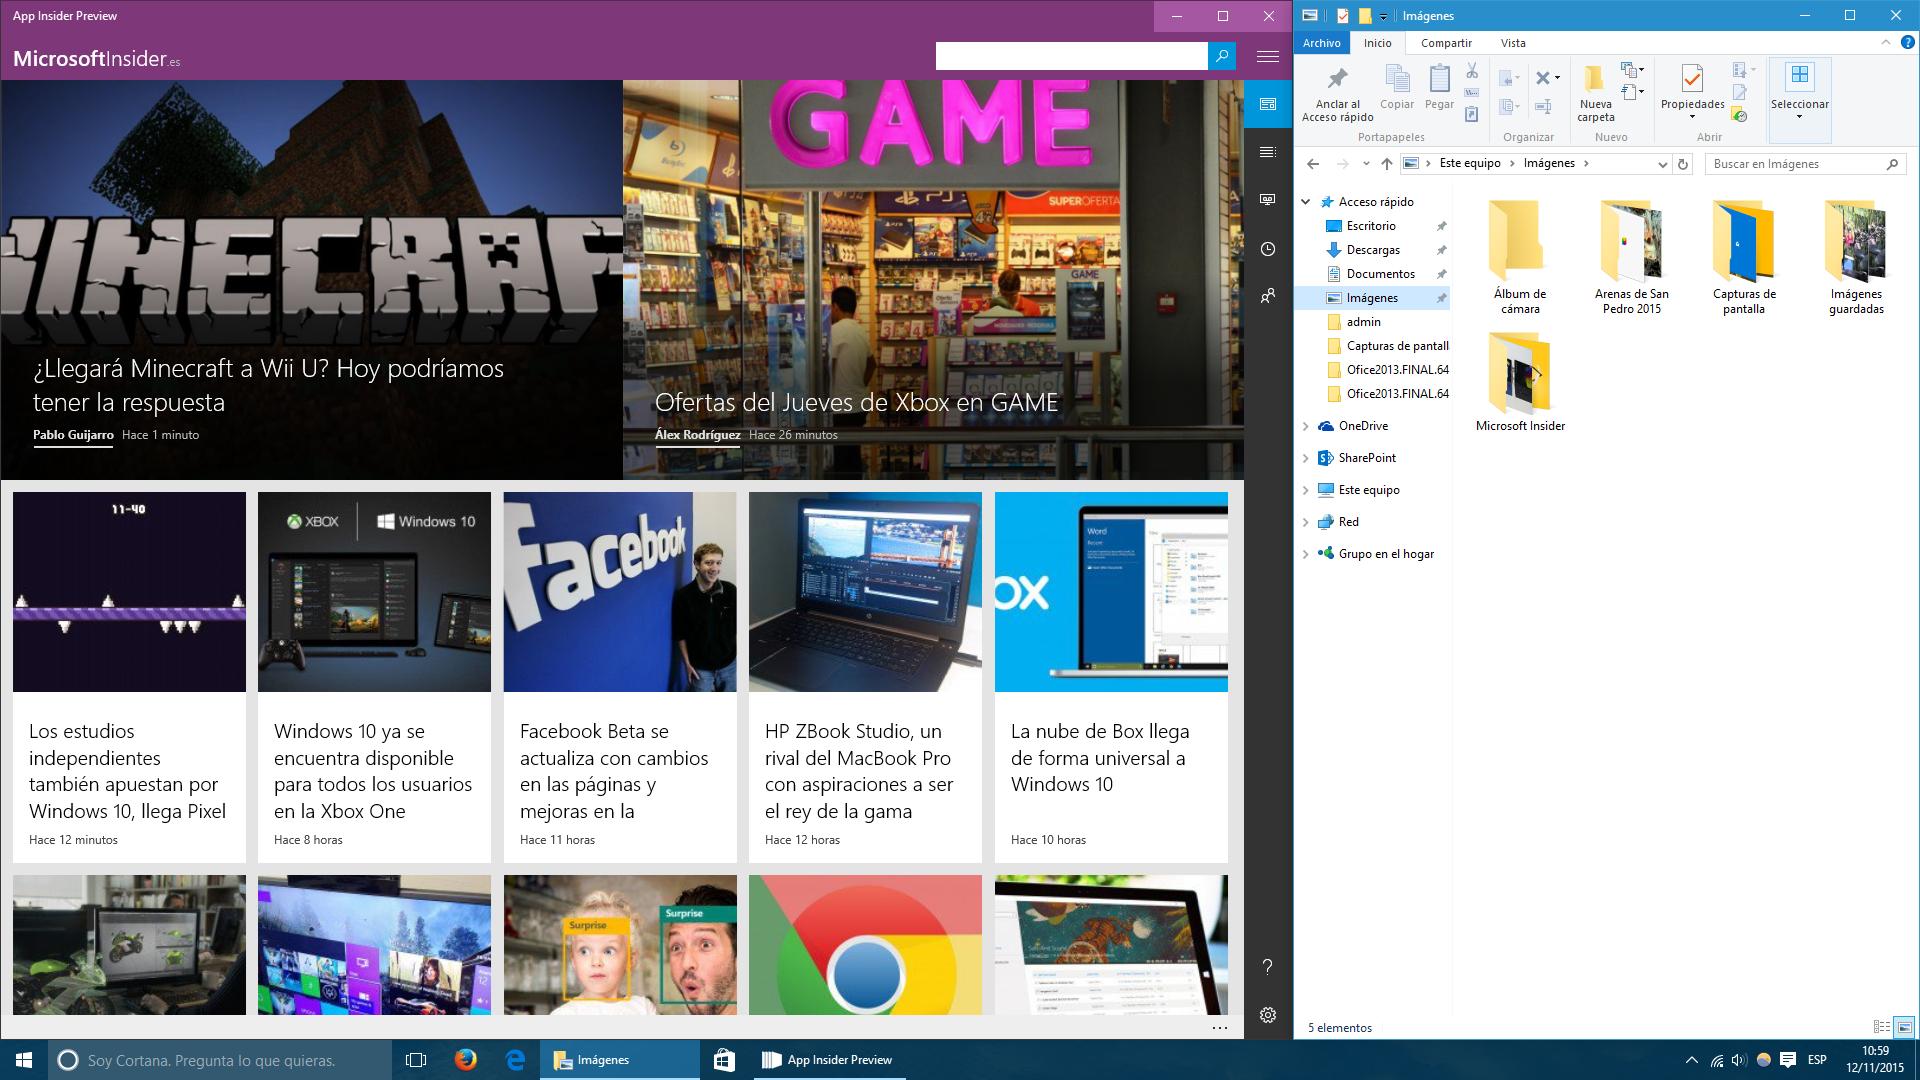 Microsoft Insider con explorador de archivos a la derecha